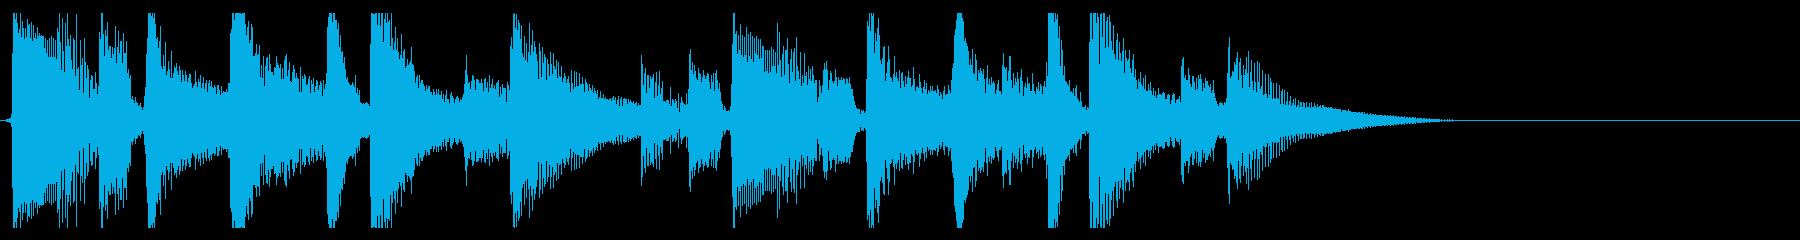 生演奏アコギのジングル5アルペジオの再生済みの波形